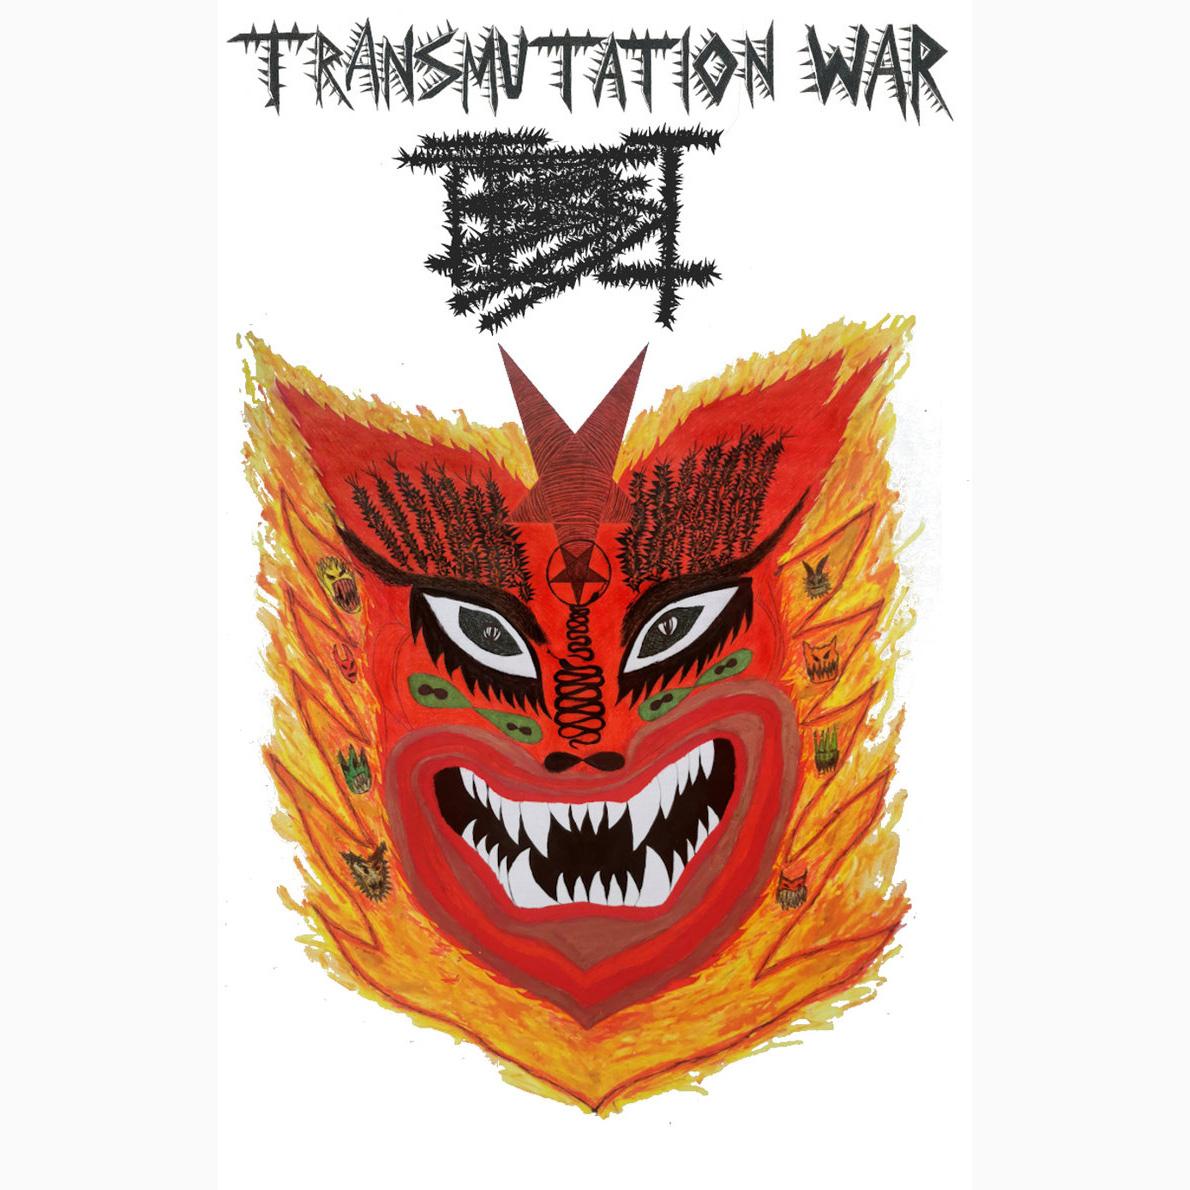 TSALAL - Transmutation War